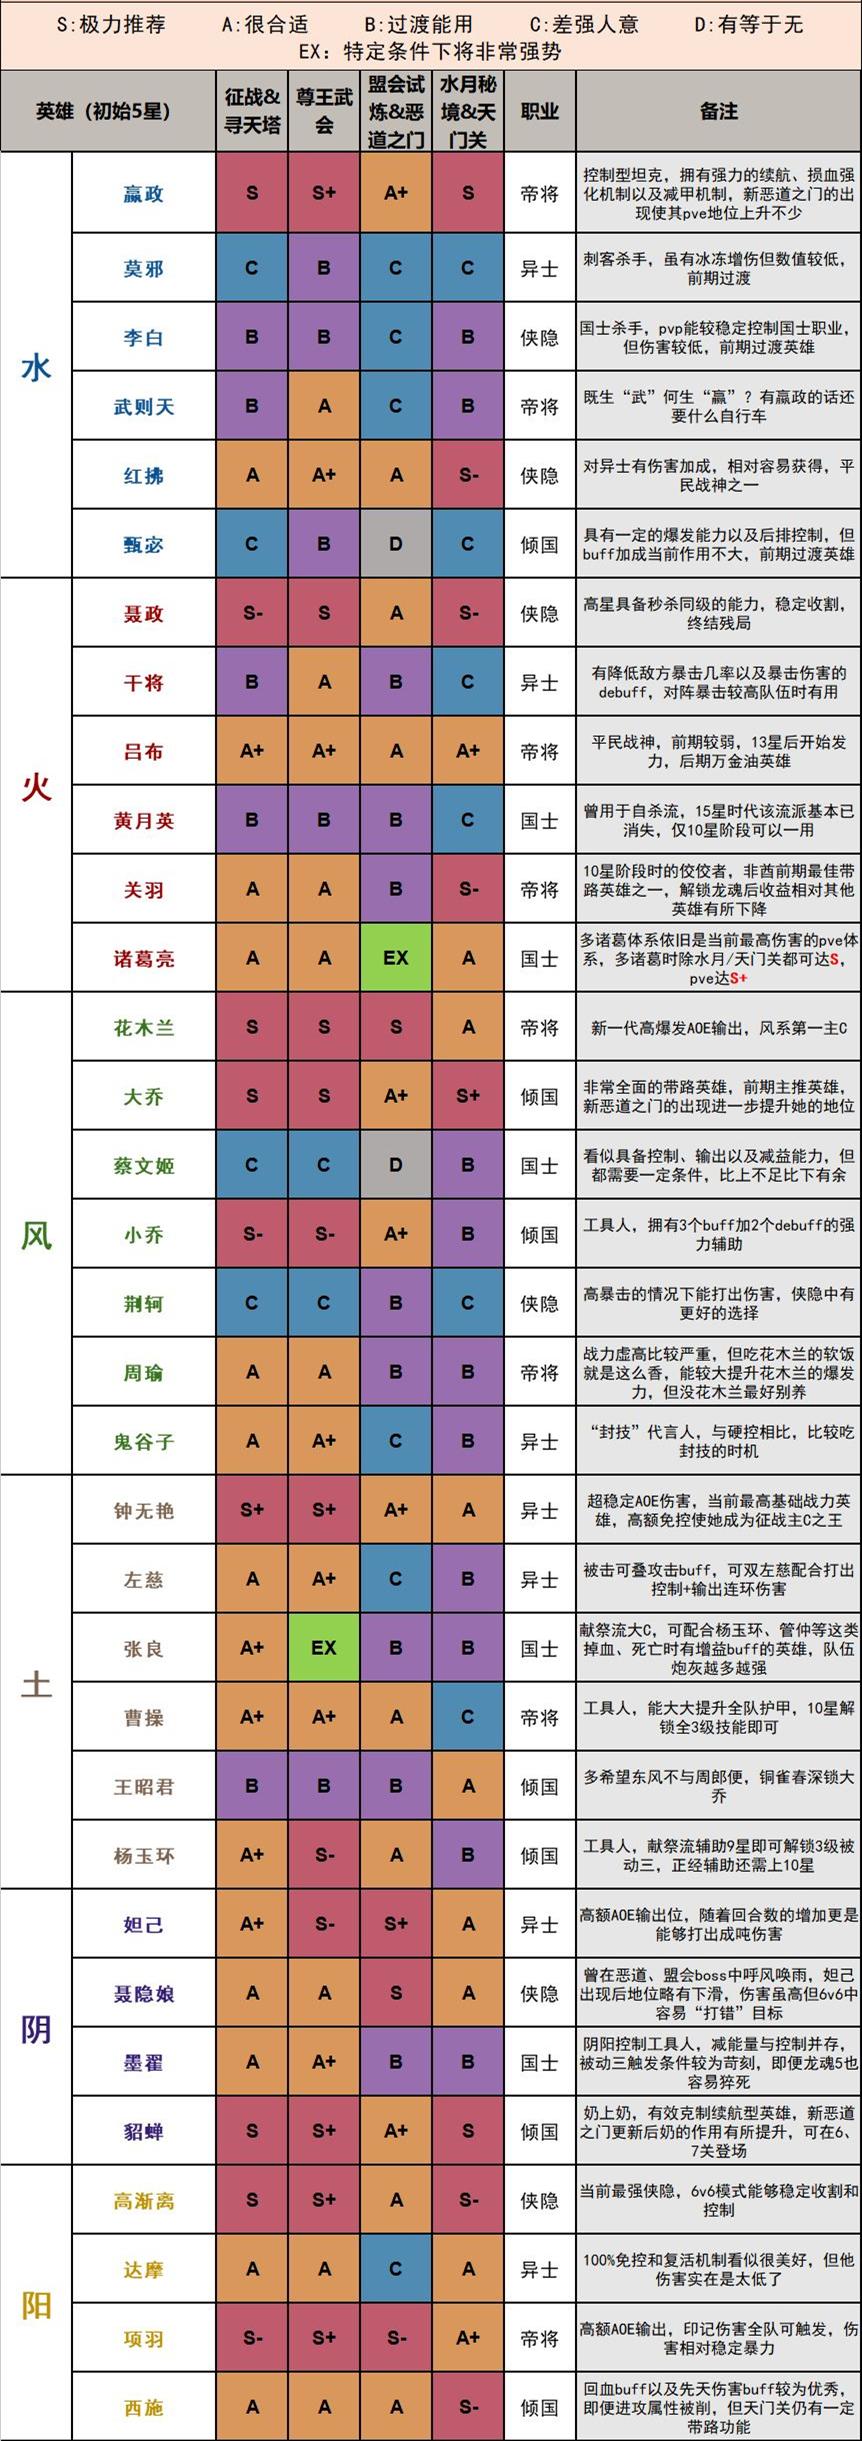 千秋辞最强英雄排行榜1